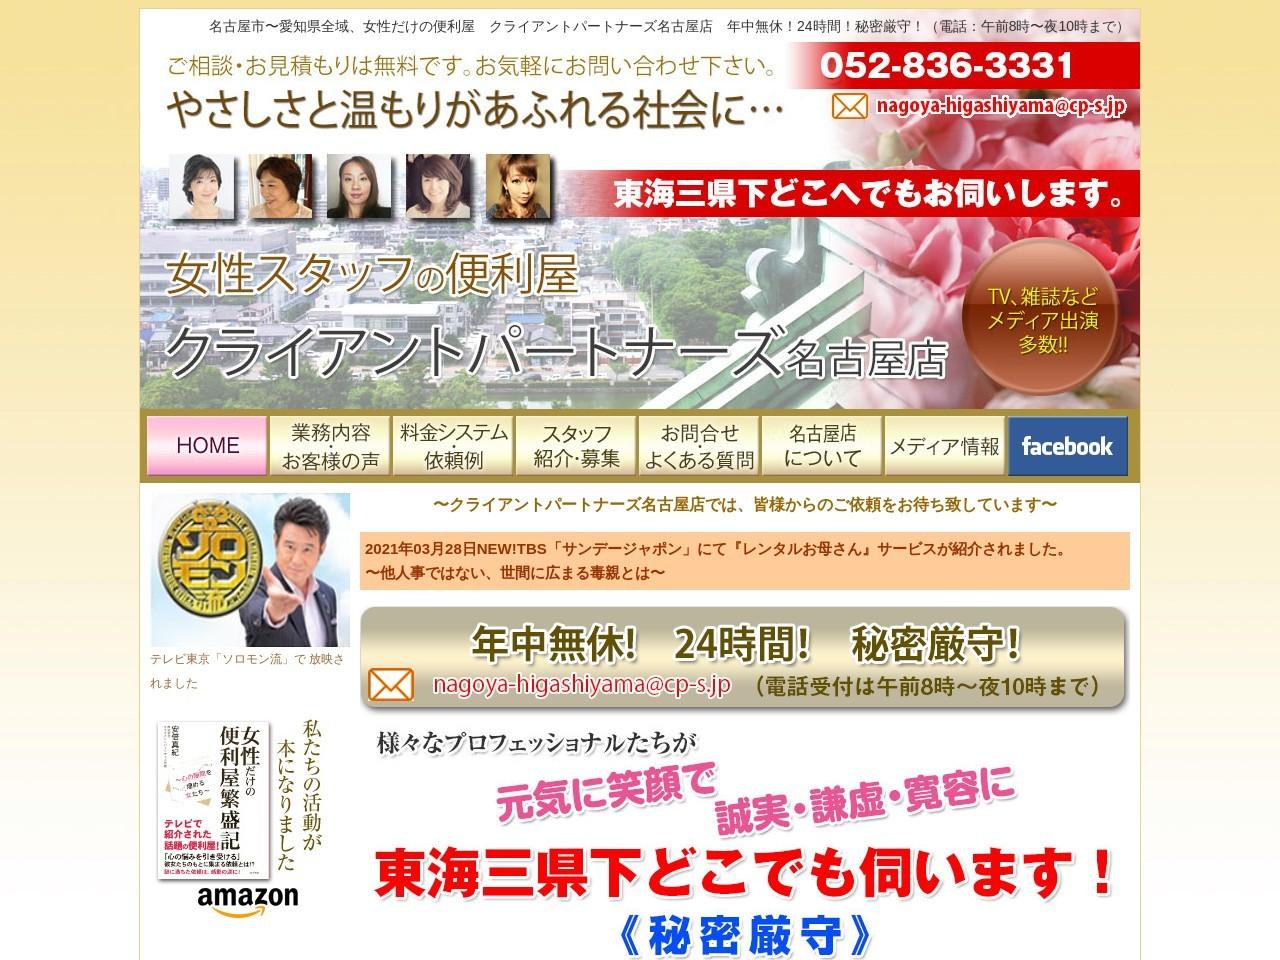 株式会社クライアントパートナーズ名古屋店